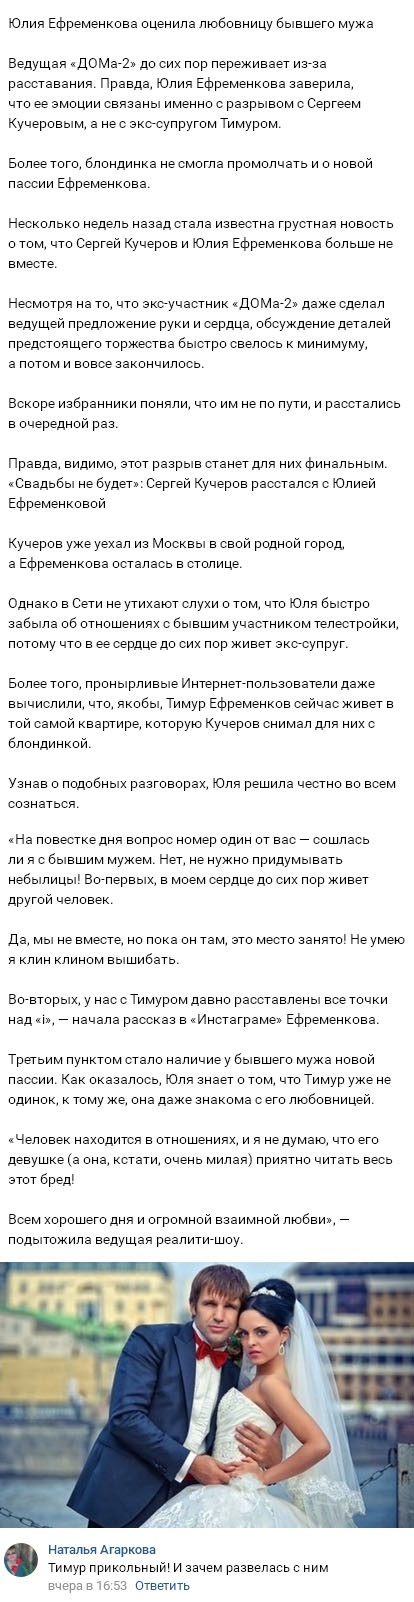 Юлия Ефременкова лишилась работы и была отвергнута бывшим мужем